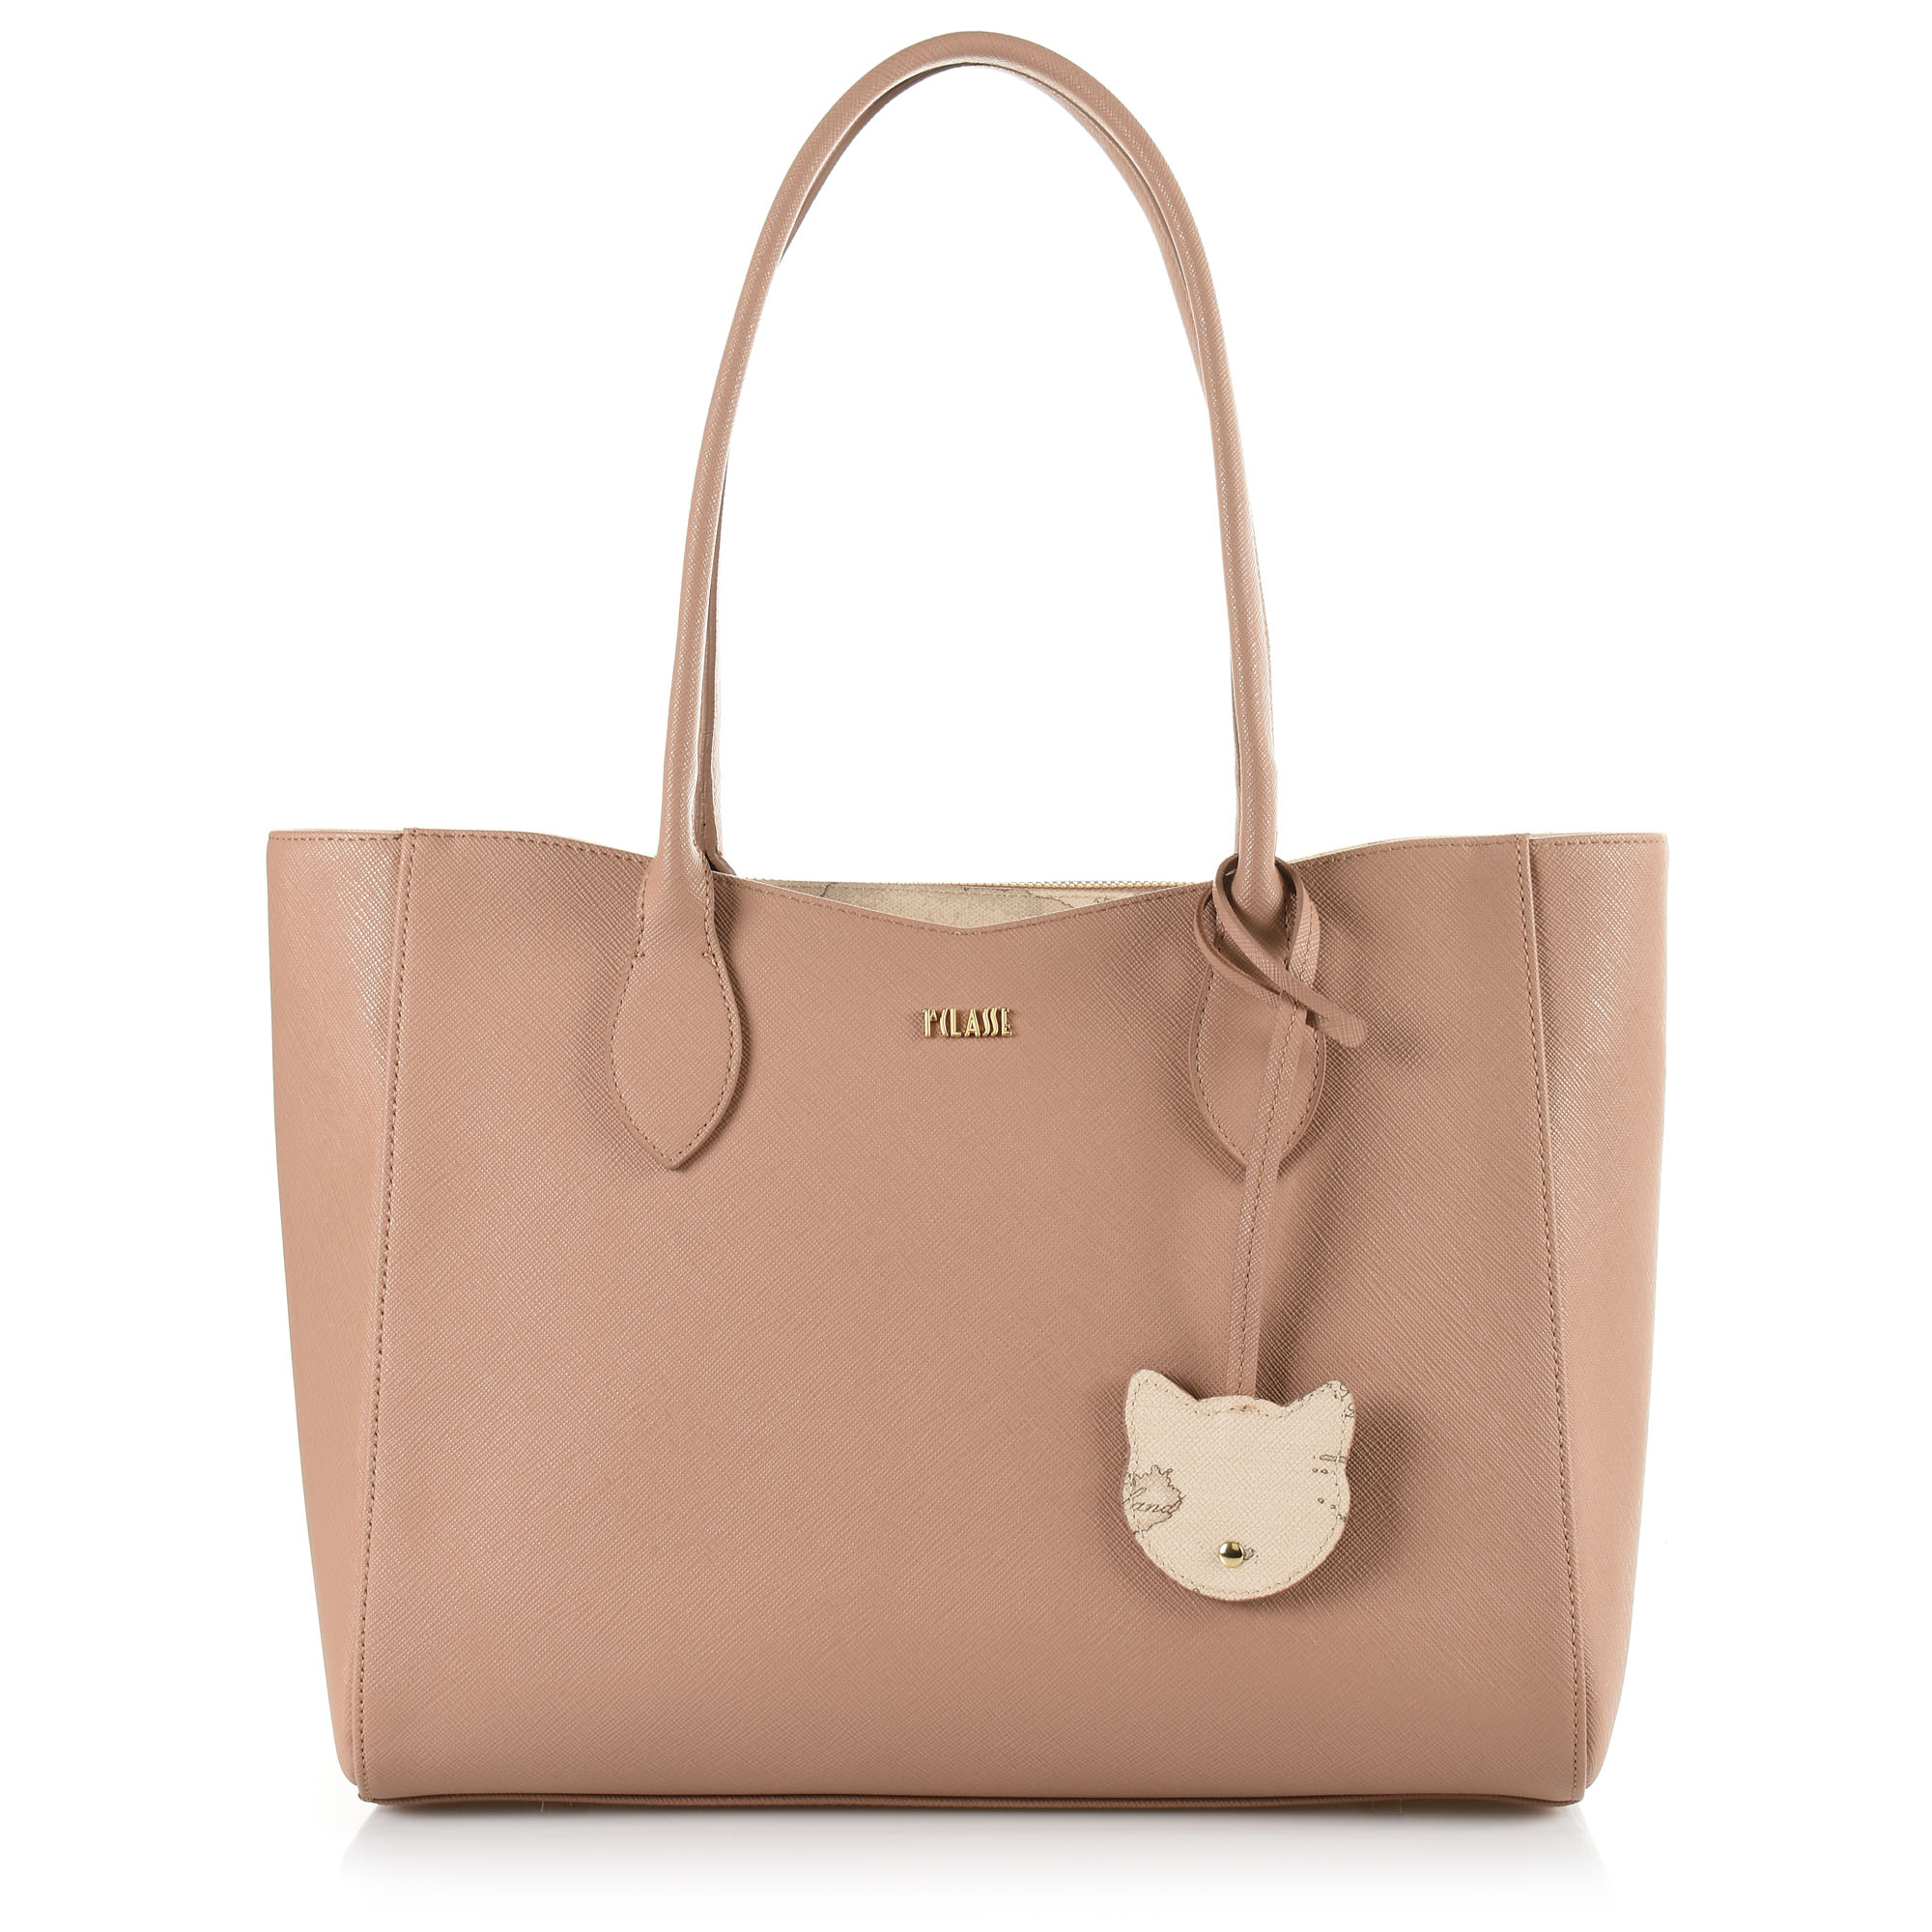 Τσάντα Ώμου Alviero Martini 1A Classe Shopping Bag LGM599407 γυναικα   γυναικεία τσάντα